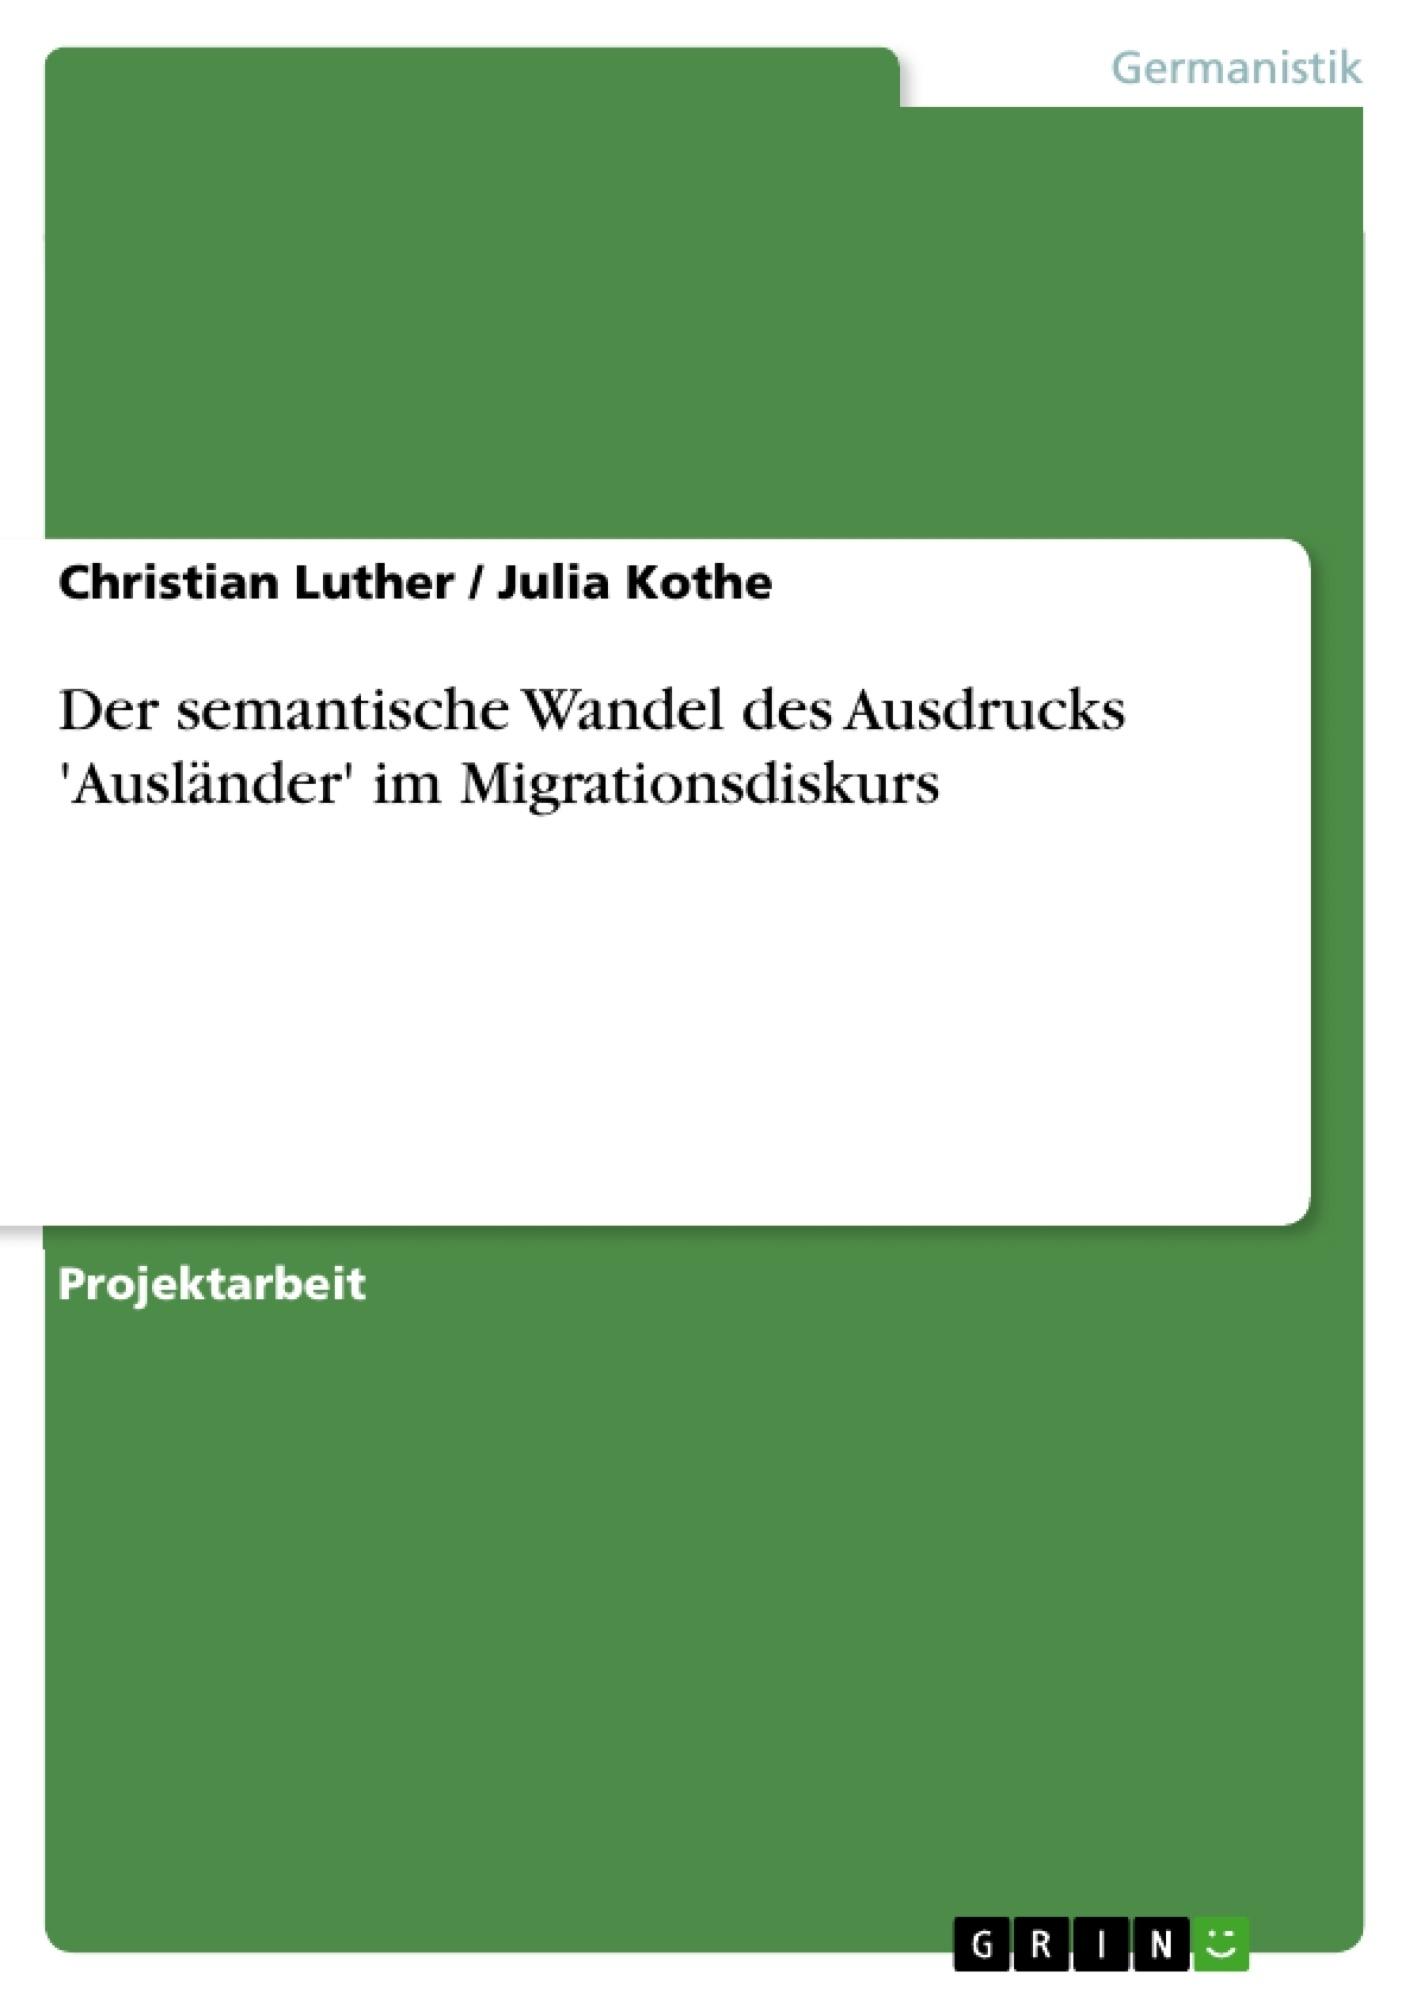 Titel: Der semantische Wandel des Ausdrucks 'Ausländer' im Migrationsdiskurs